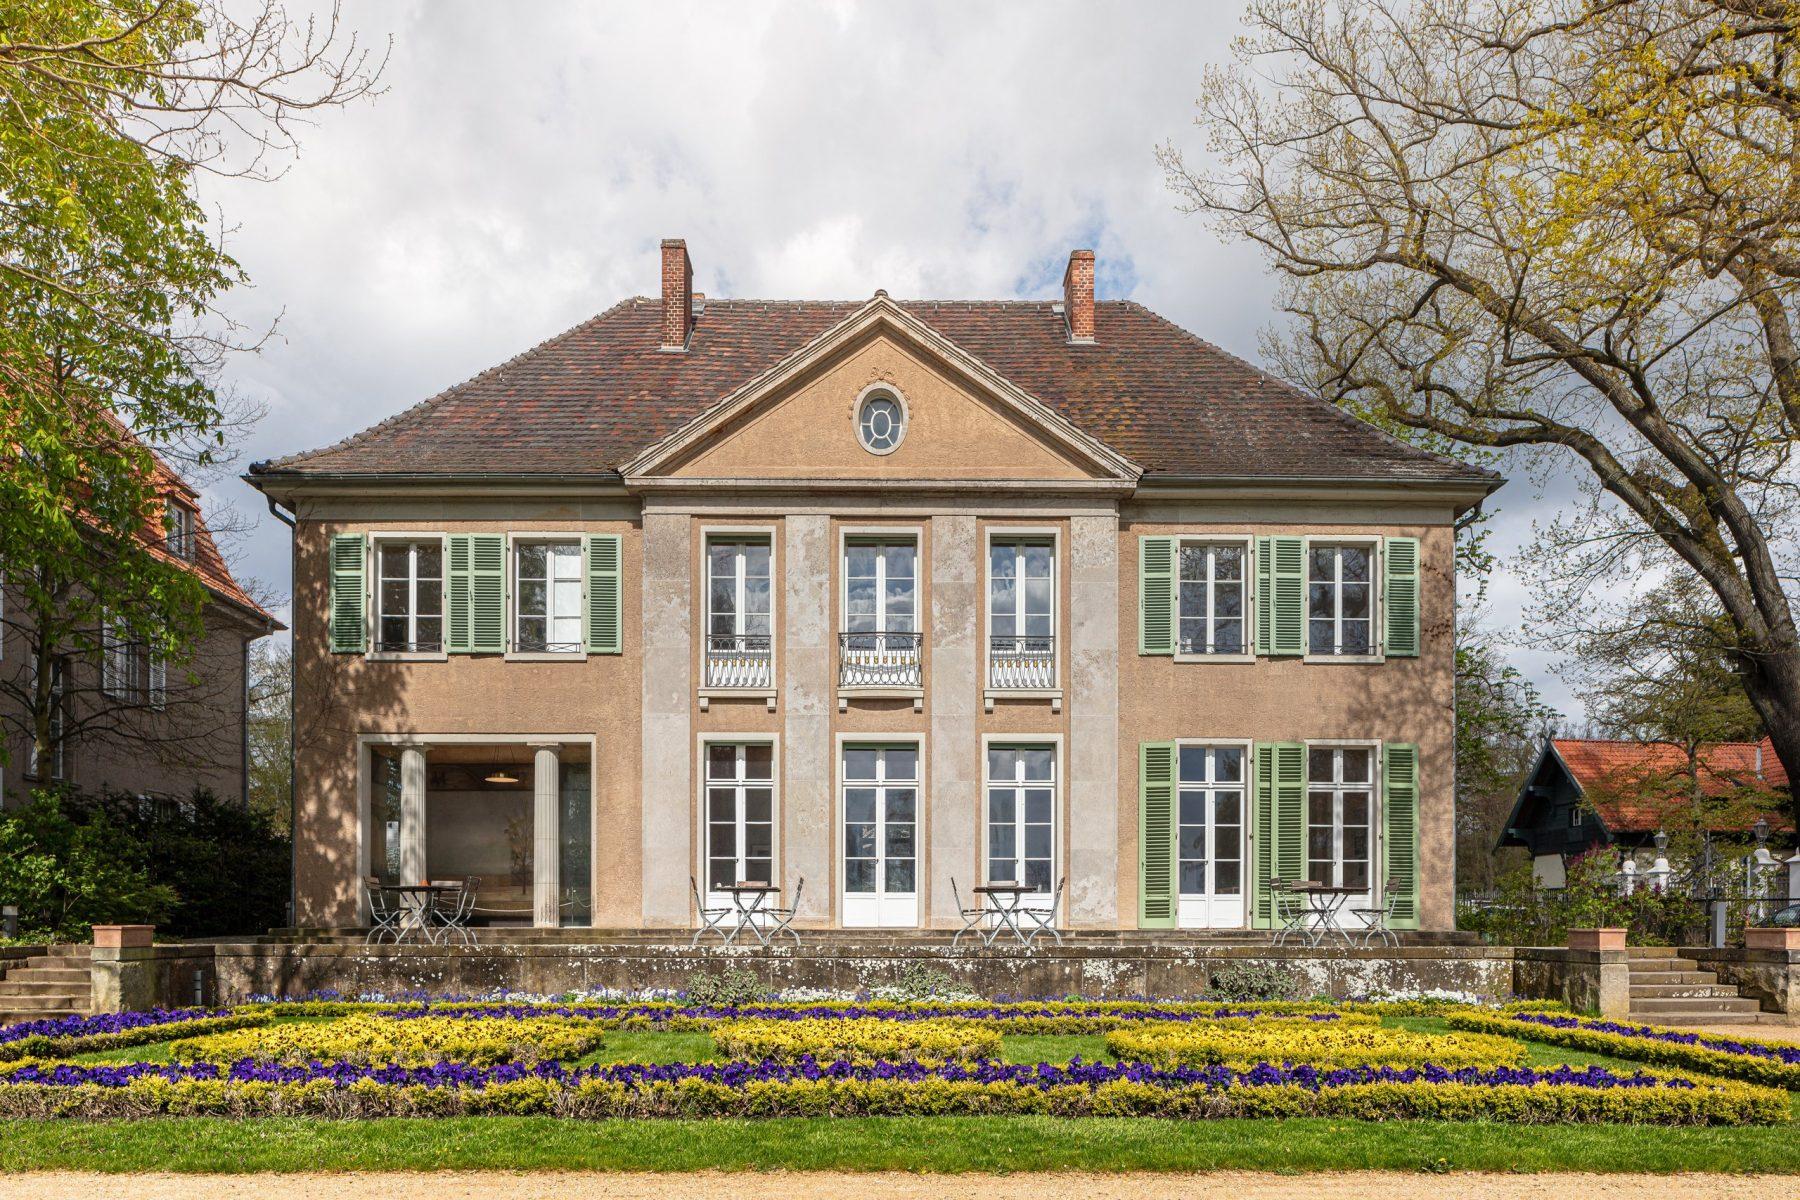 Der Blick geht auf die seeseitige Fassade der Liebermann-Villa mit gelb und violett blühenden Beeten davor.